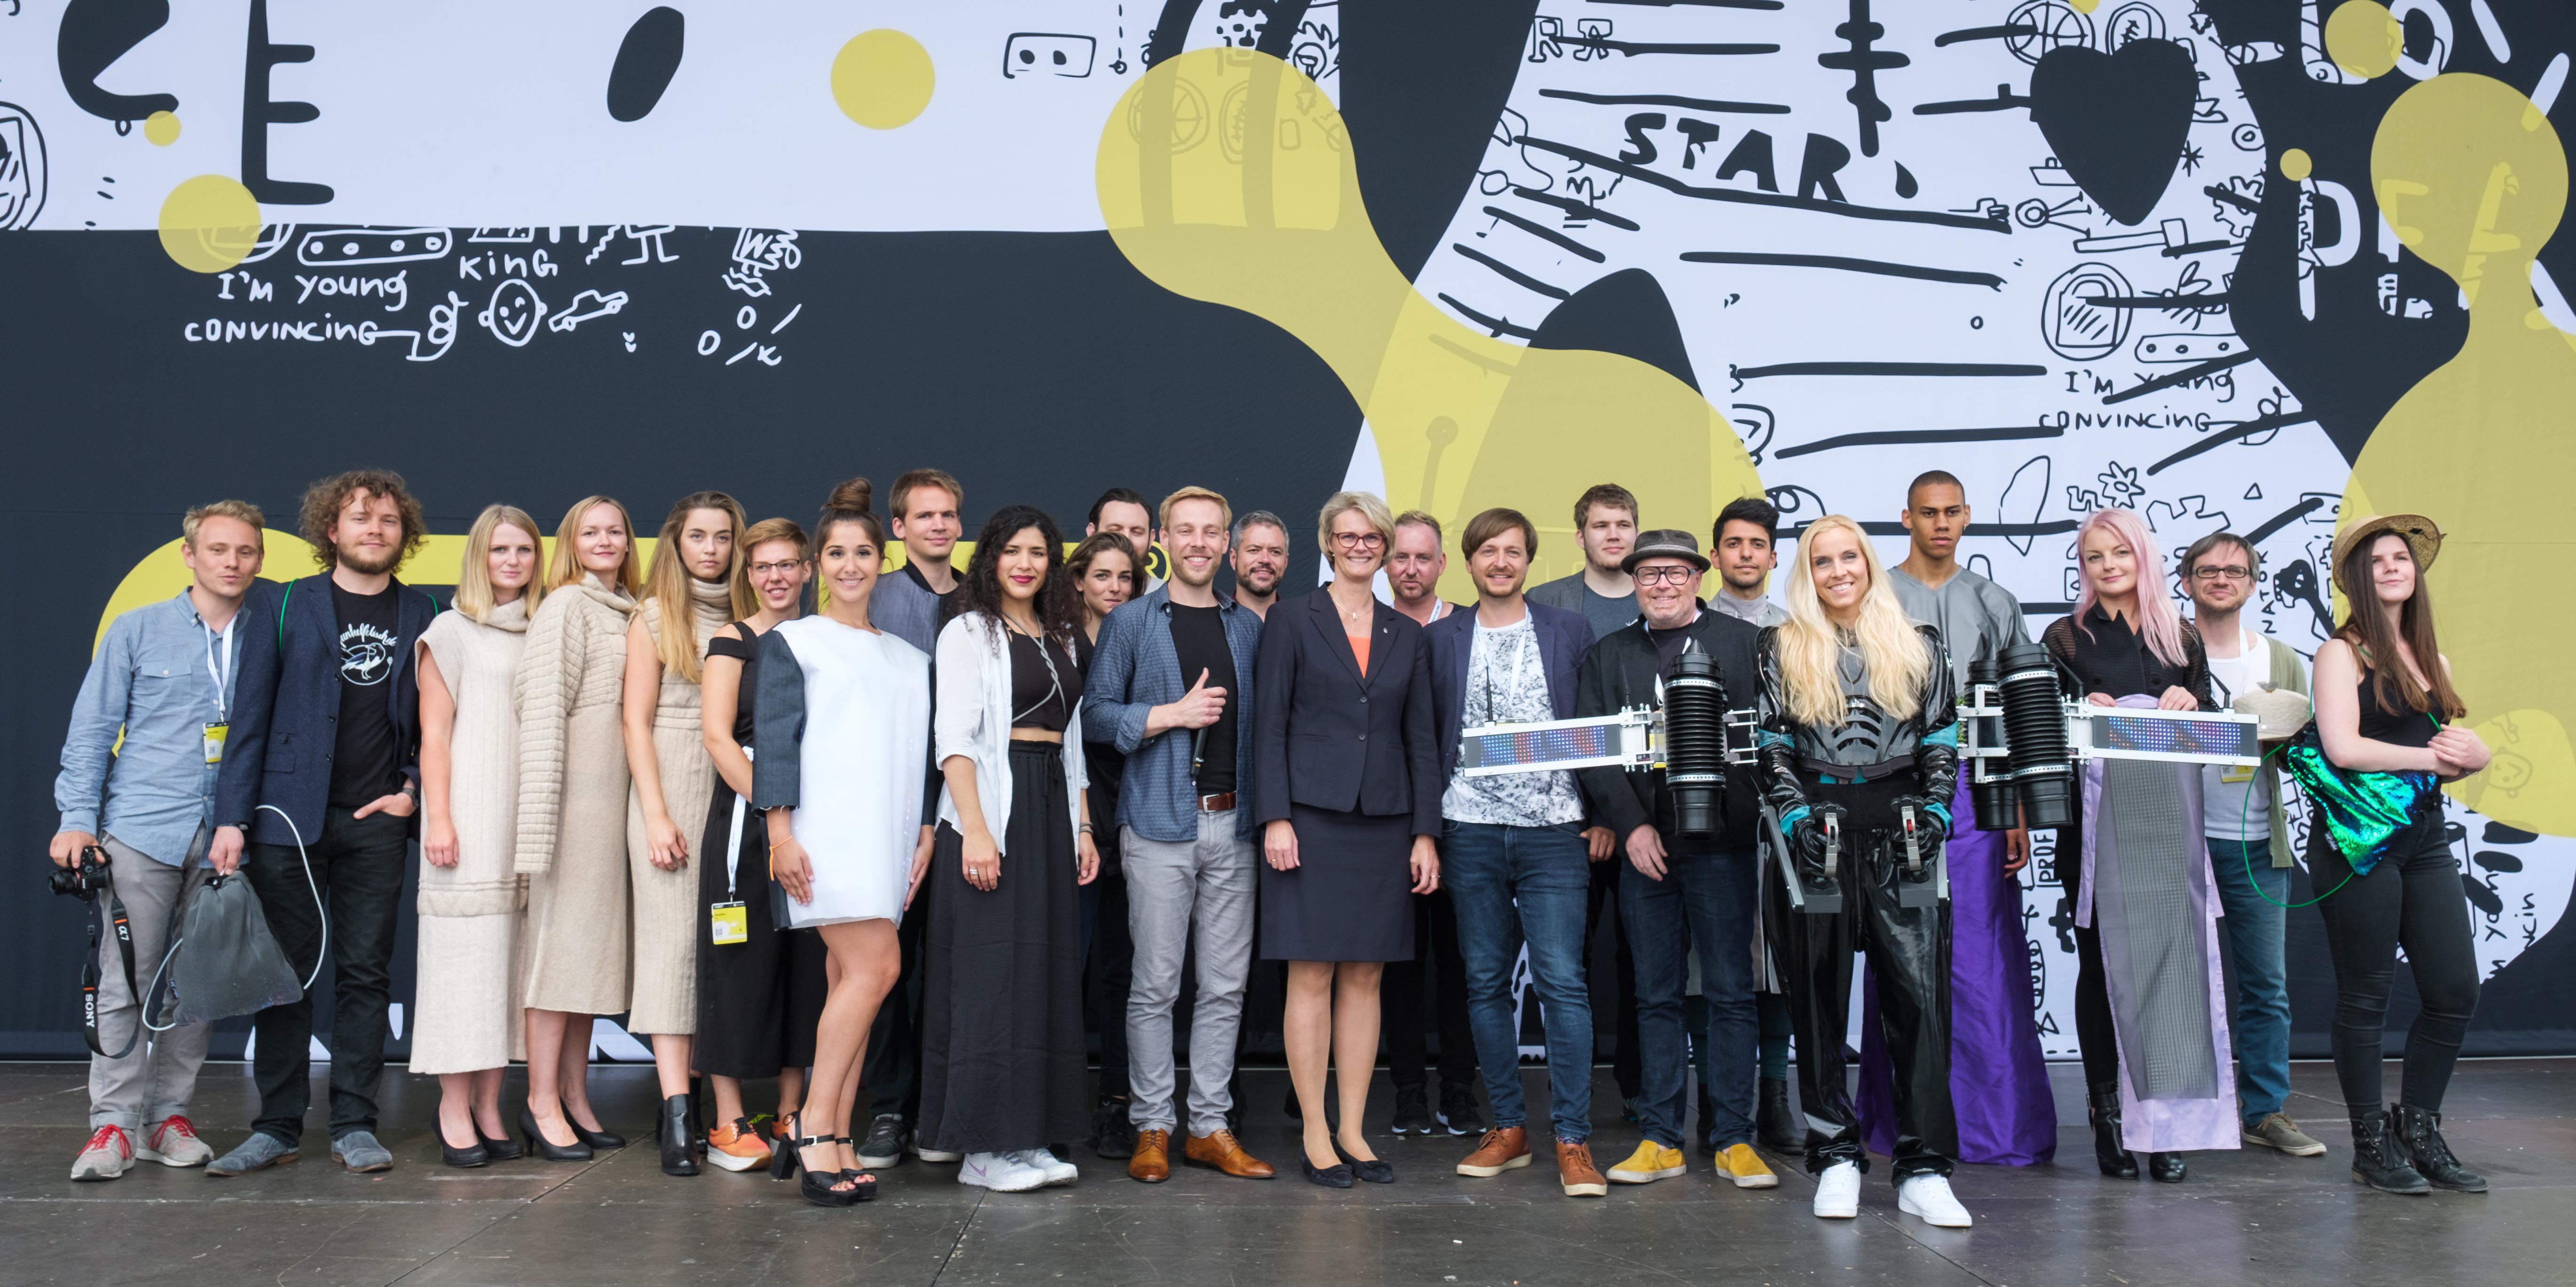 Gruppenbild mit Bundesforschungsministerin Anja Karliczek und den Wearable Tech Designern auf der CEBIT Festival Stage